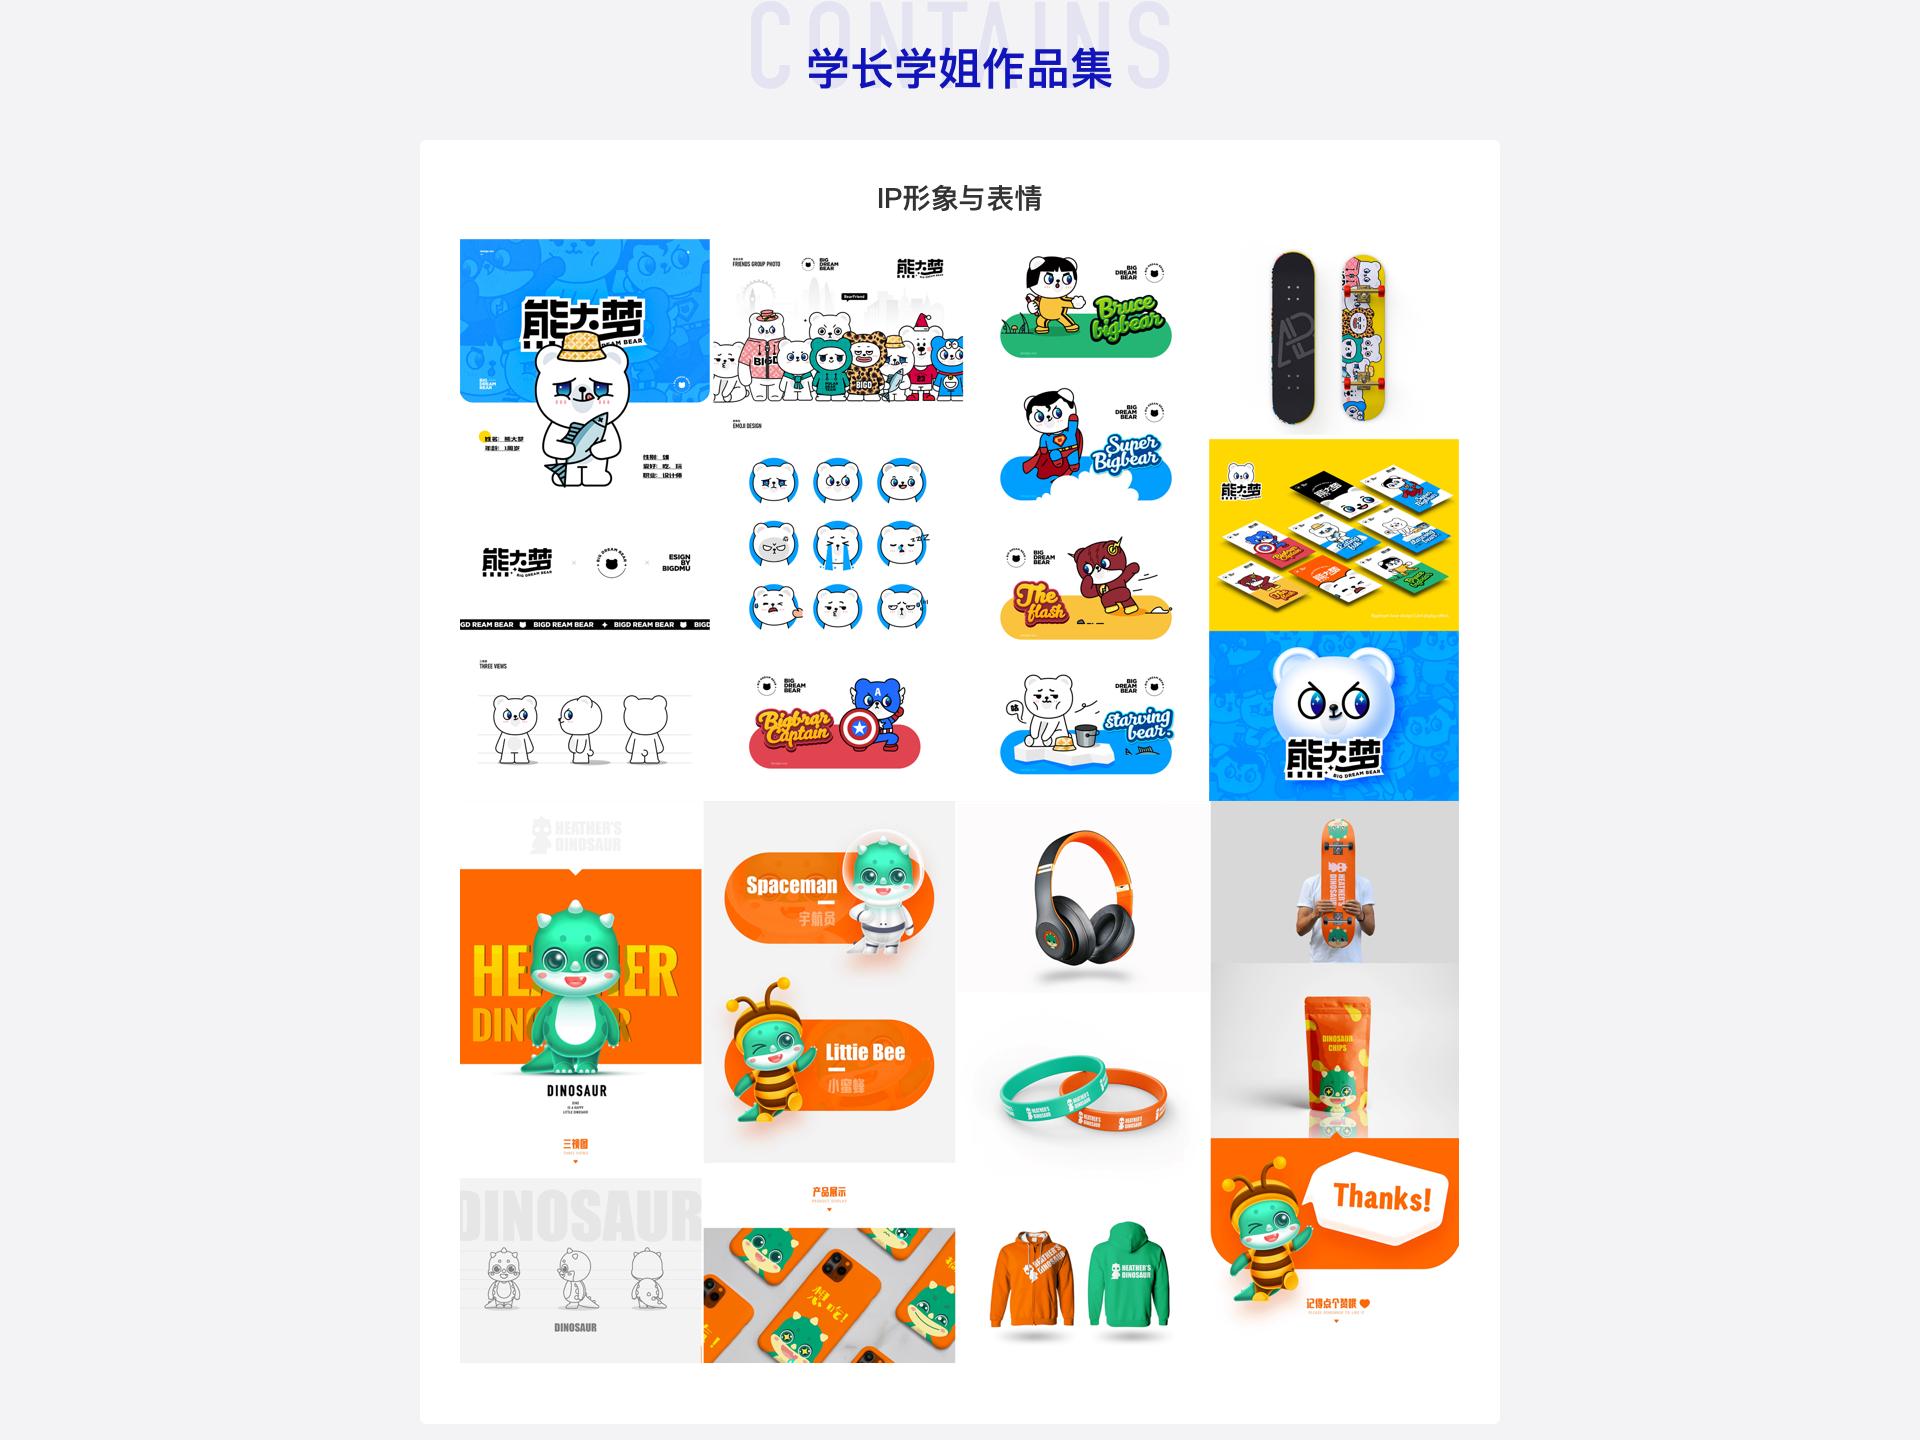 全链路UI设计网-学长学姐作品集-IP形象与表情设计